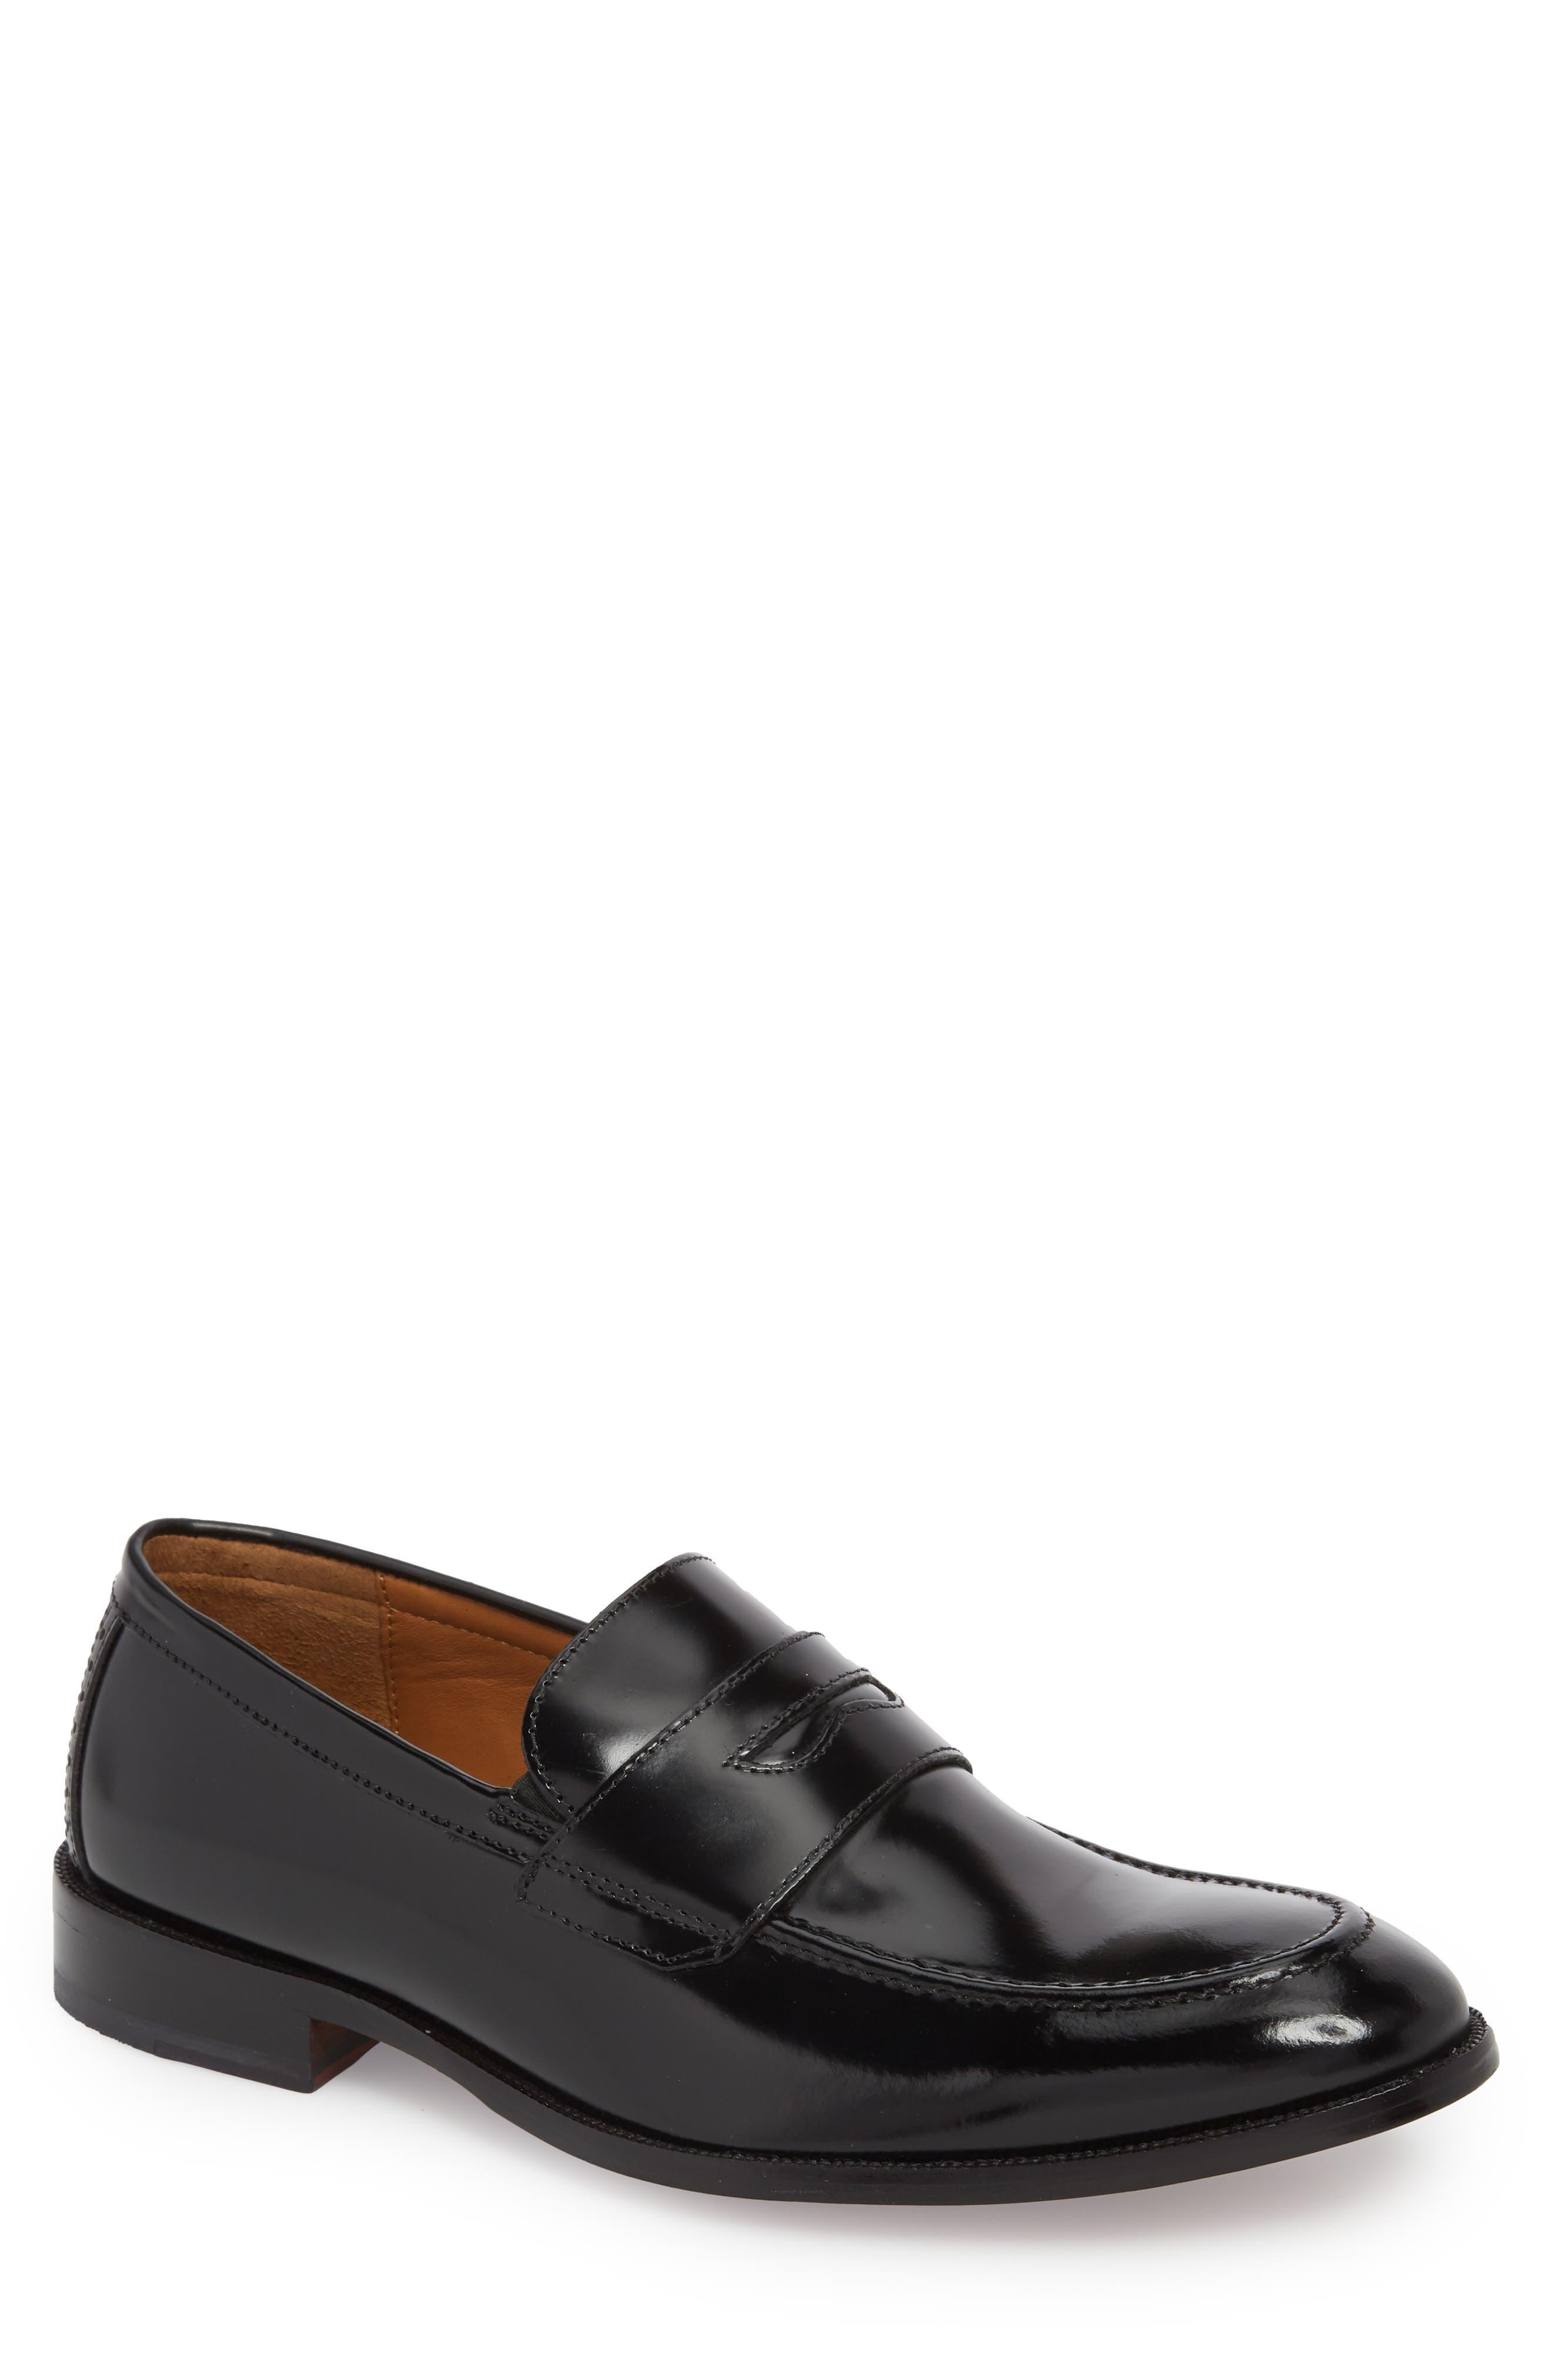 1940s Mens Shoes | Gangster, Spectator, Black and White Shoes Mens Johnston  Murphy Bradford Penny Loafer $129.95 AT vintagedancer.com